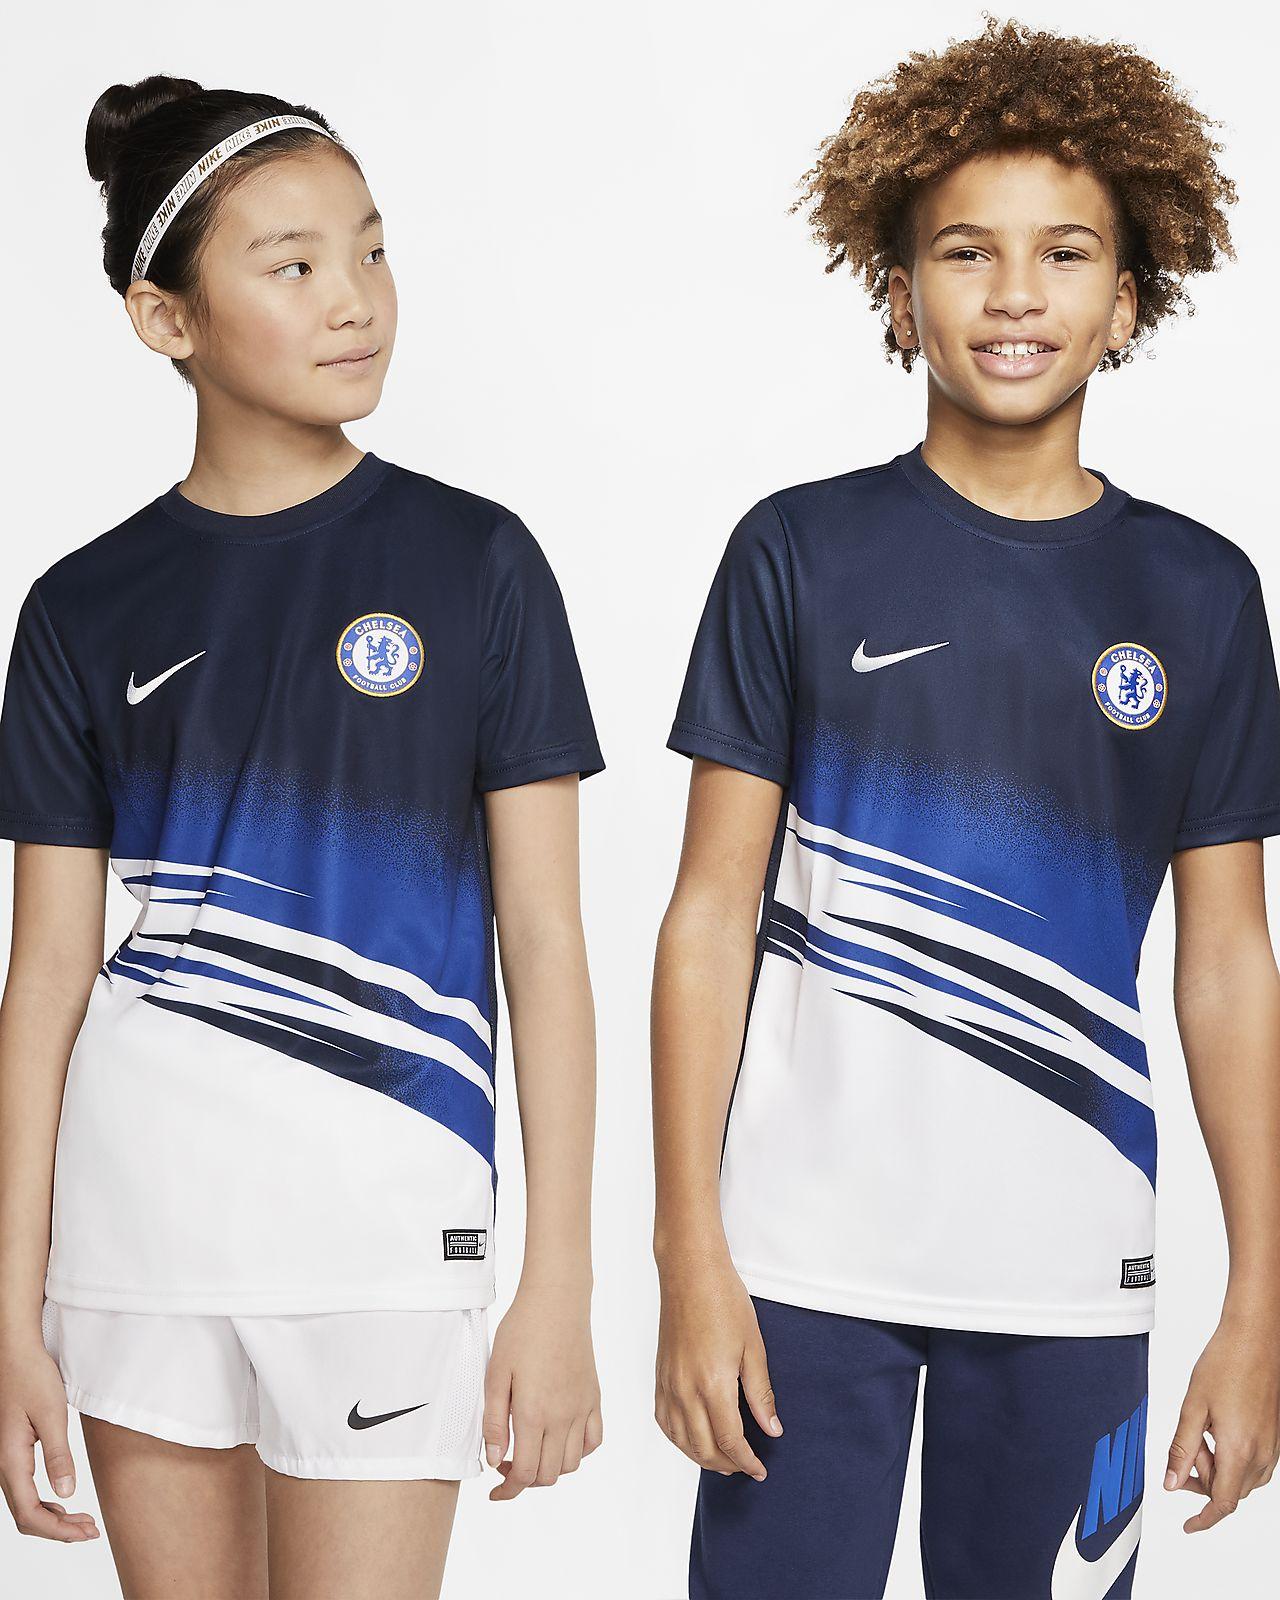 Παιδική κοντομάνικη ποδοσφαιρική μπλούζα Chelsea FC